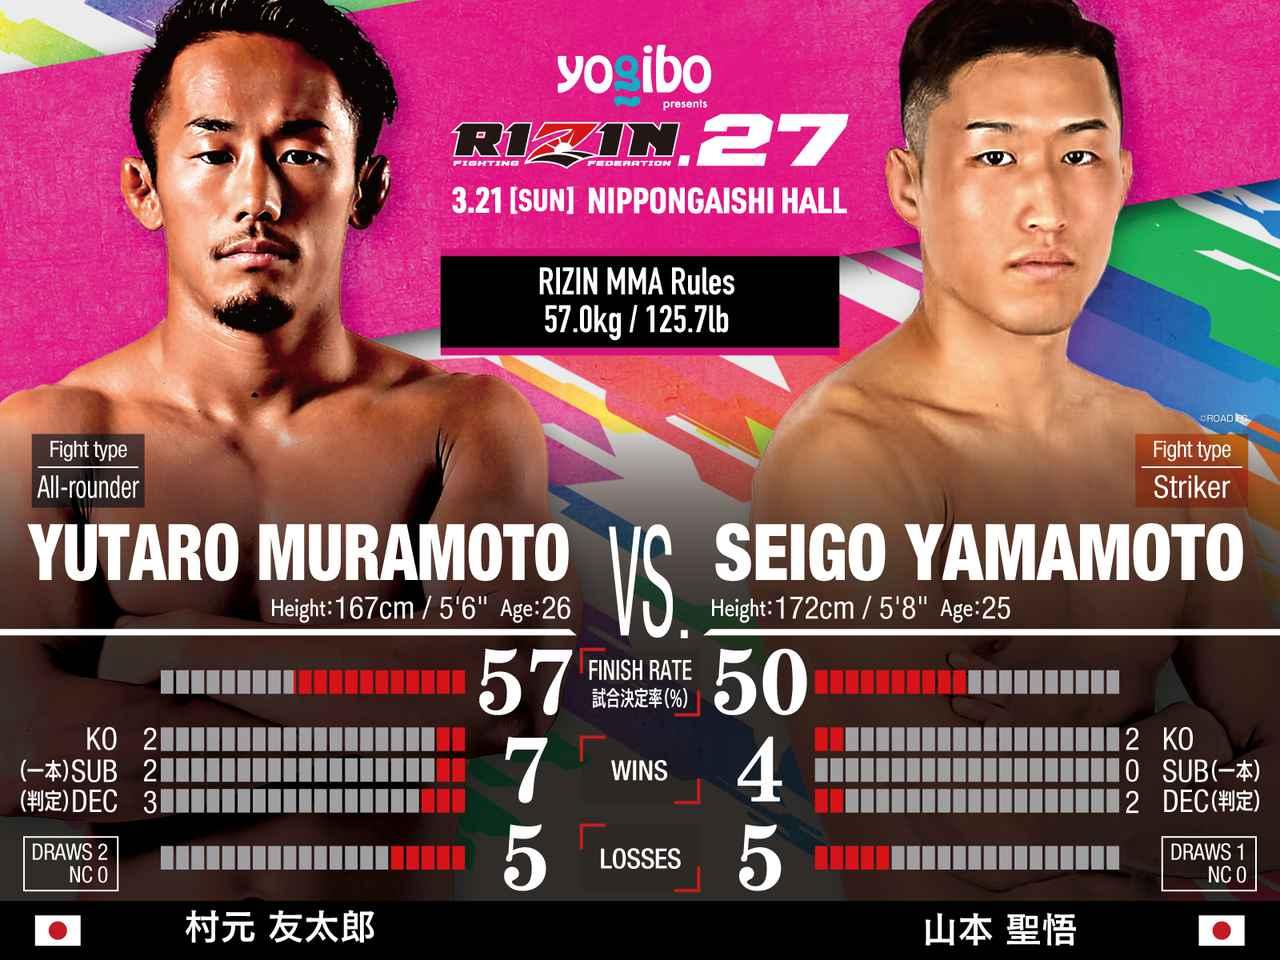 画像: 第5試合 スペシャルワンマッチ/村元友太郎 vs. 山本聖悟